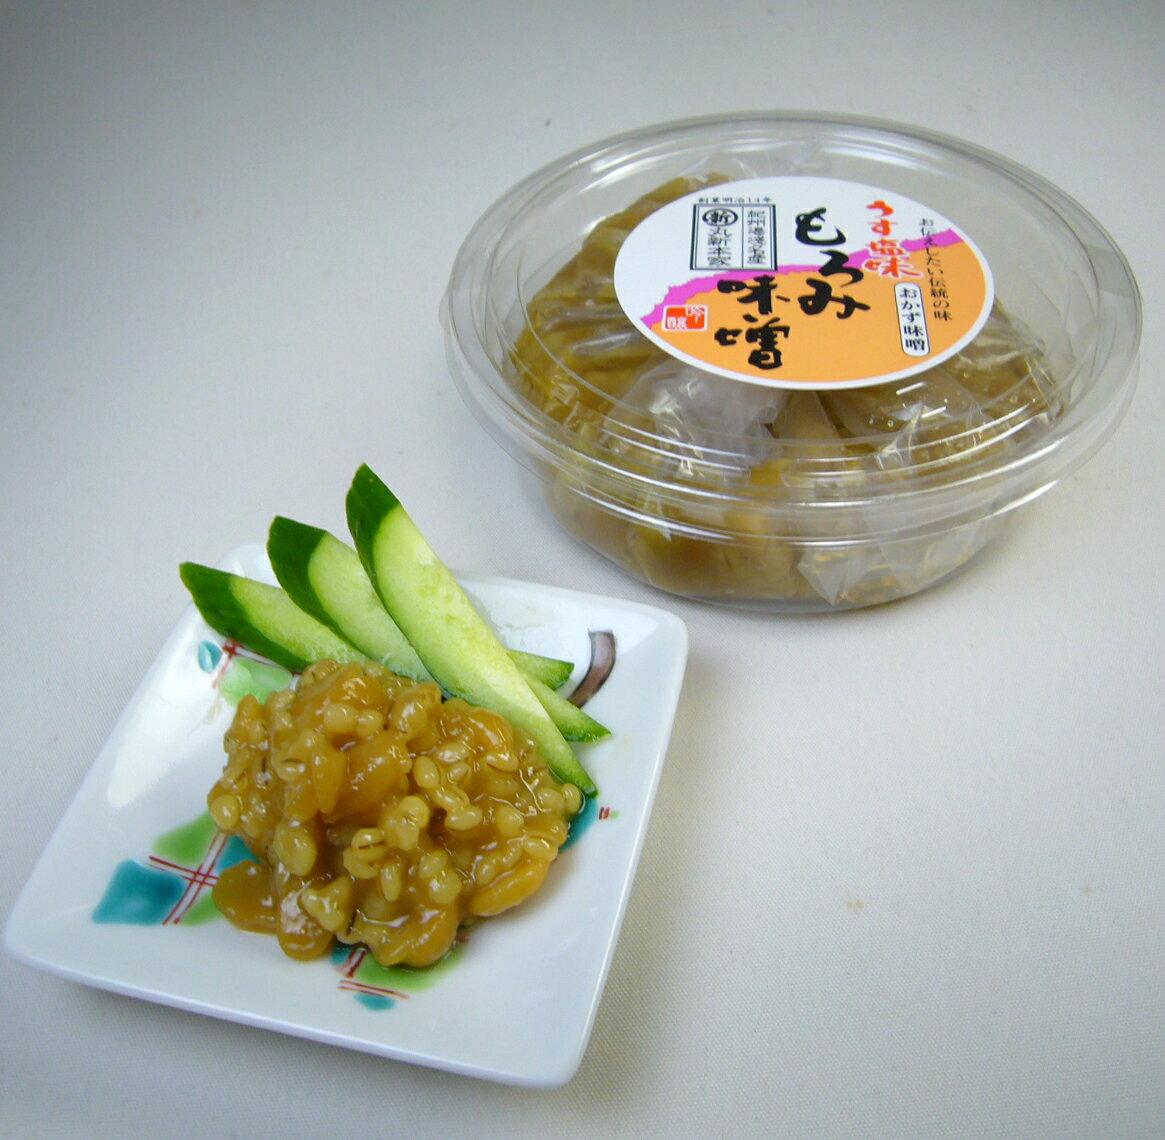 もろみ味噌270gカップ国産原料使用・無添加【丸新本家の食べる醤油】